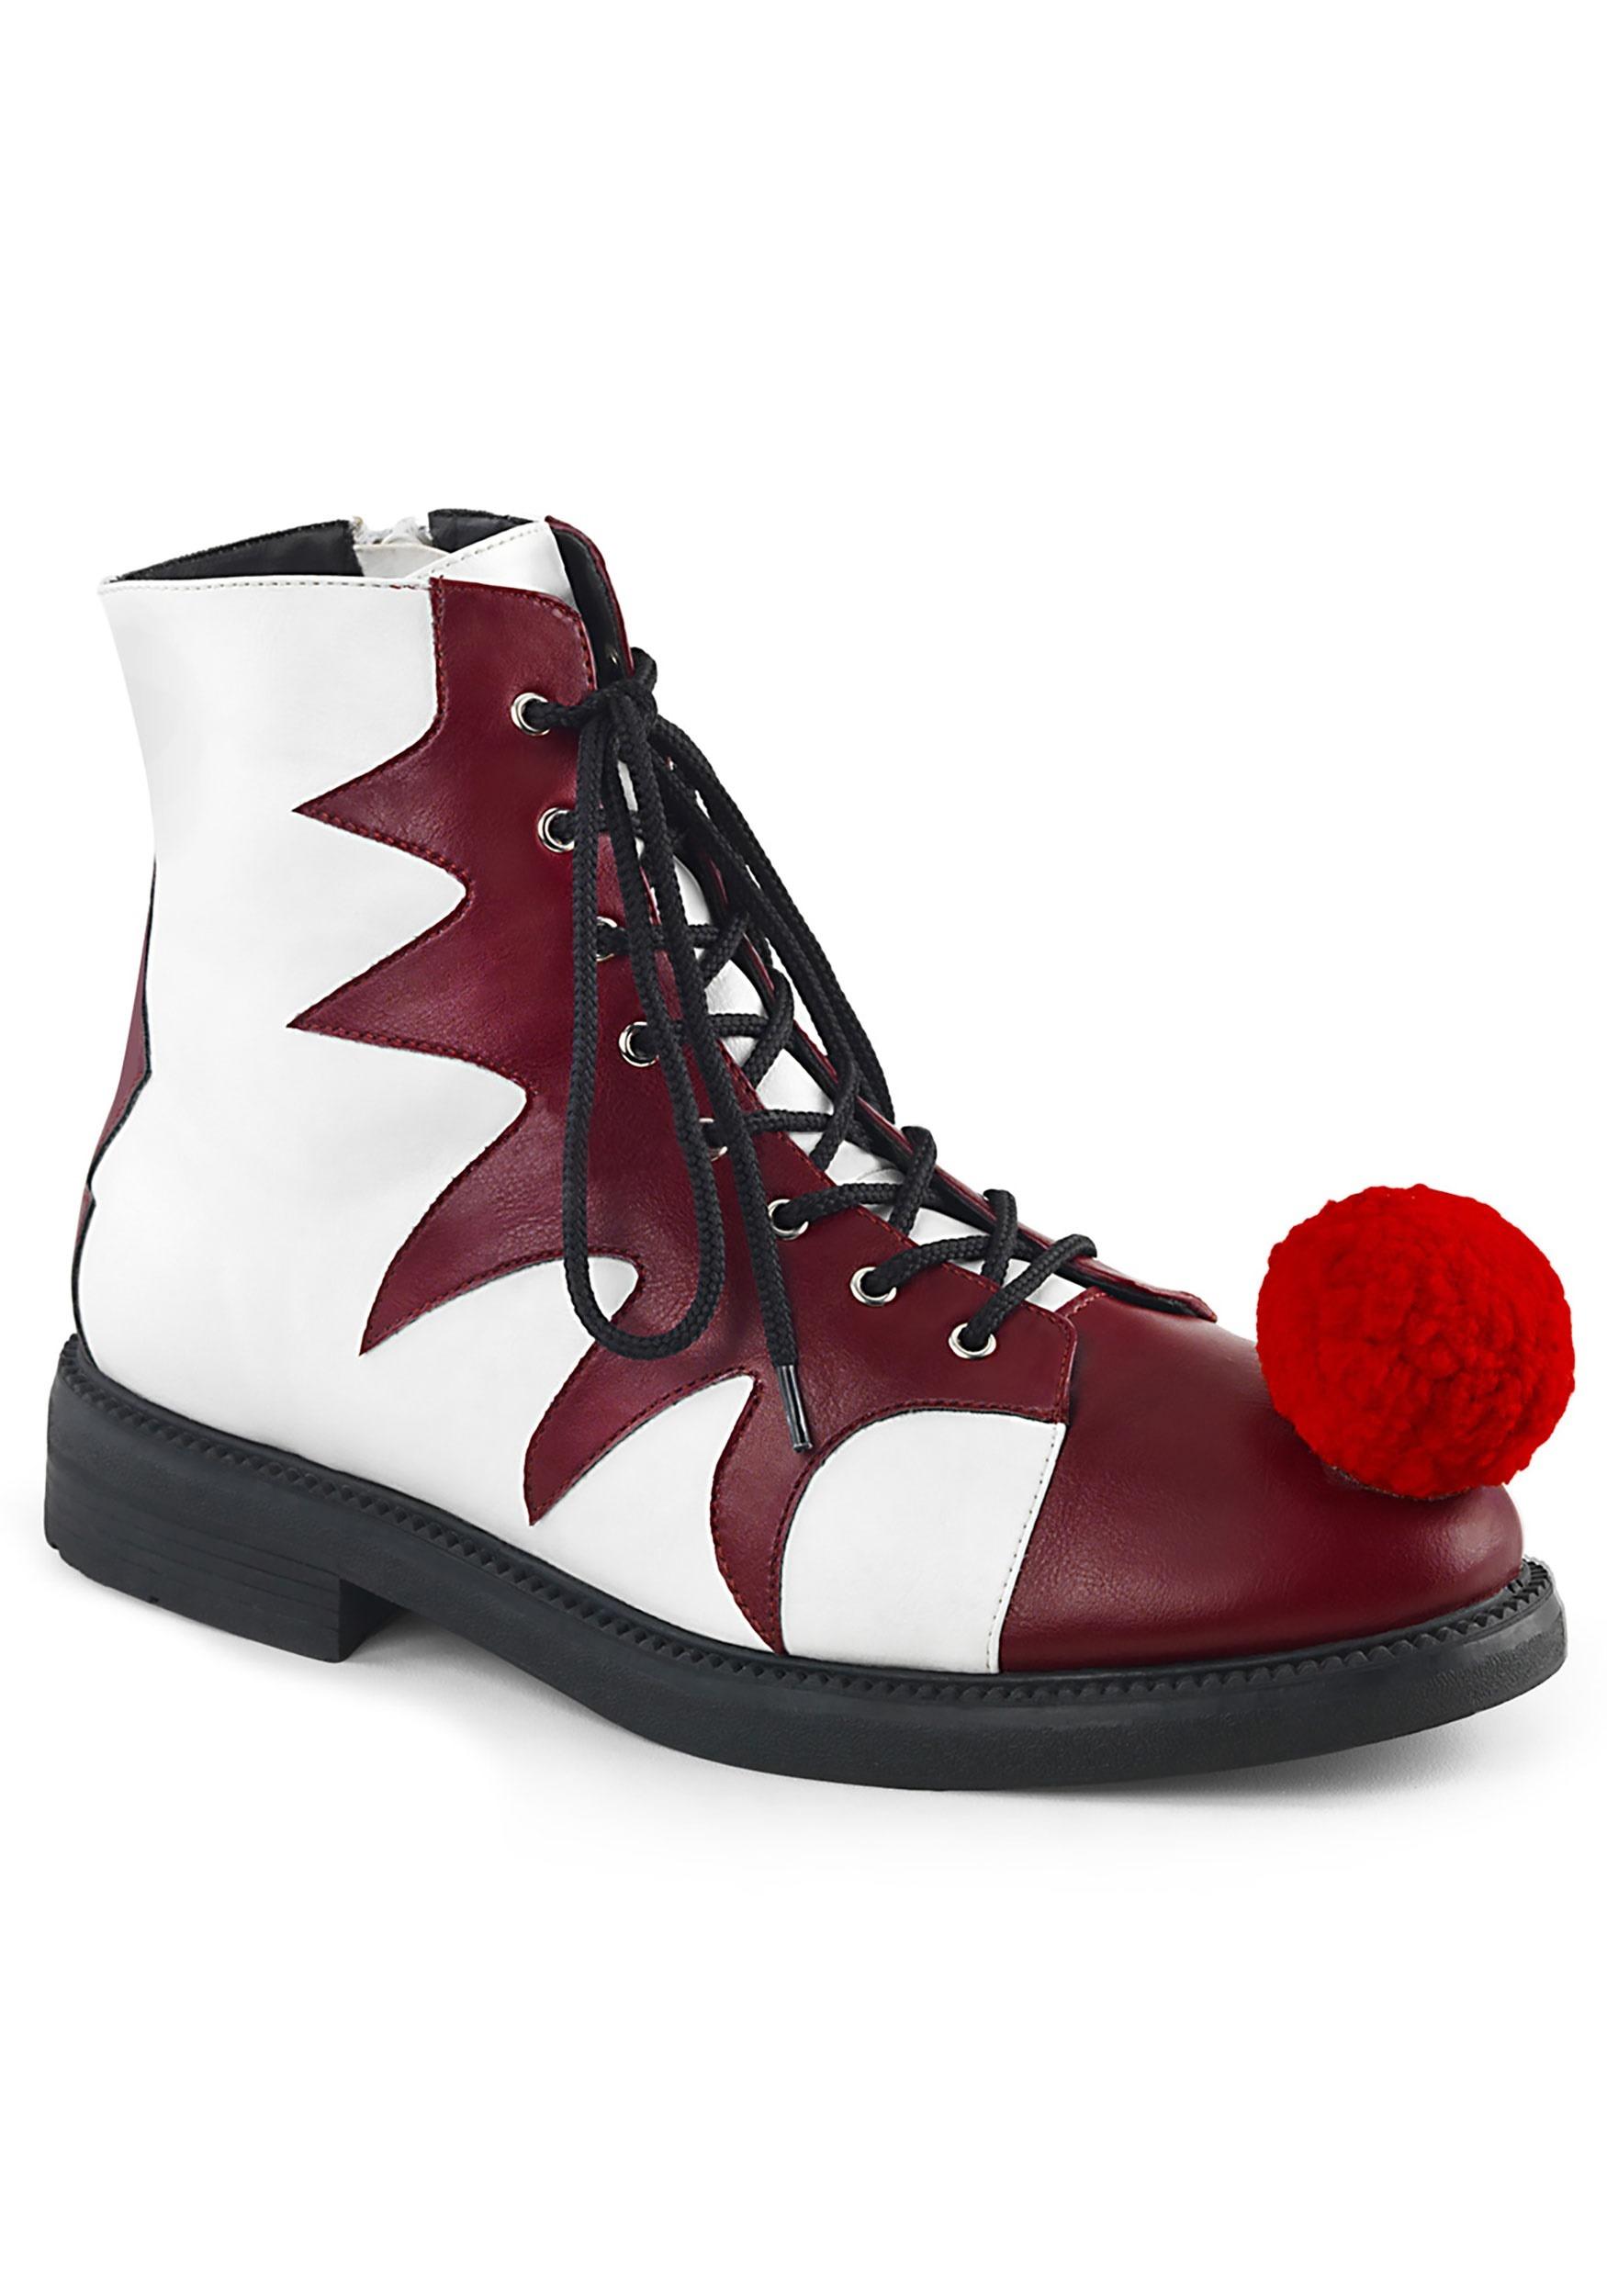 Evil_Clown_Men's_Shoes